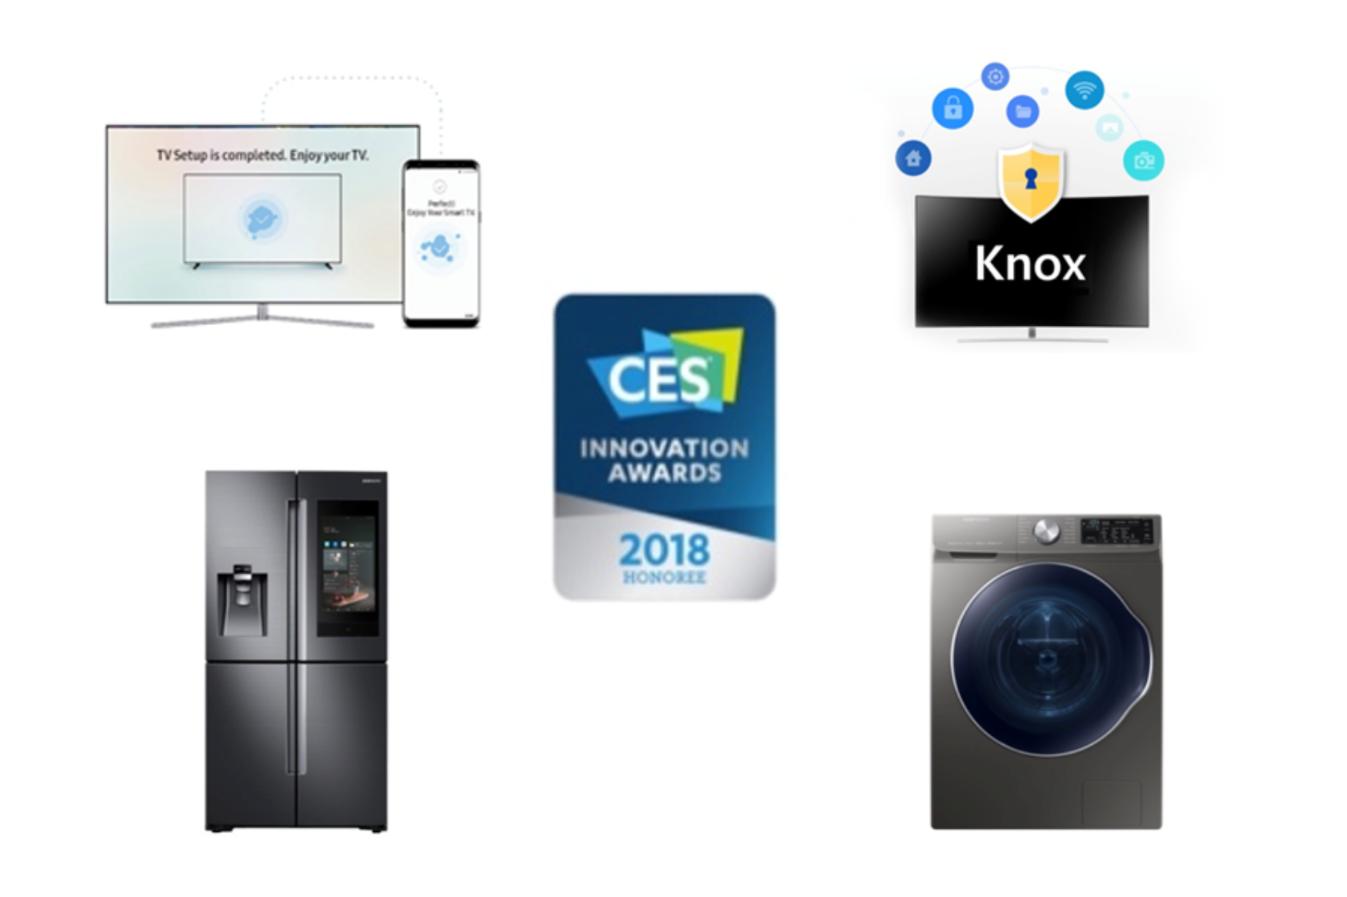 36项创新大奖花落三星,未来黑科技制霸CES